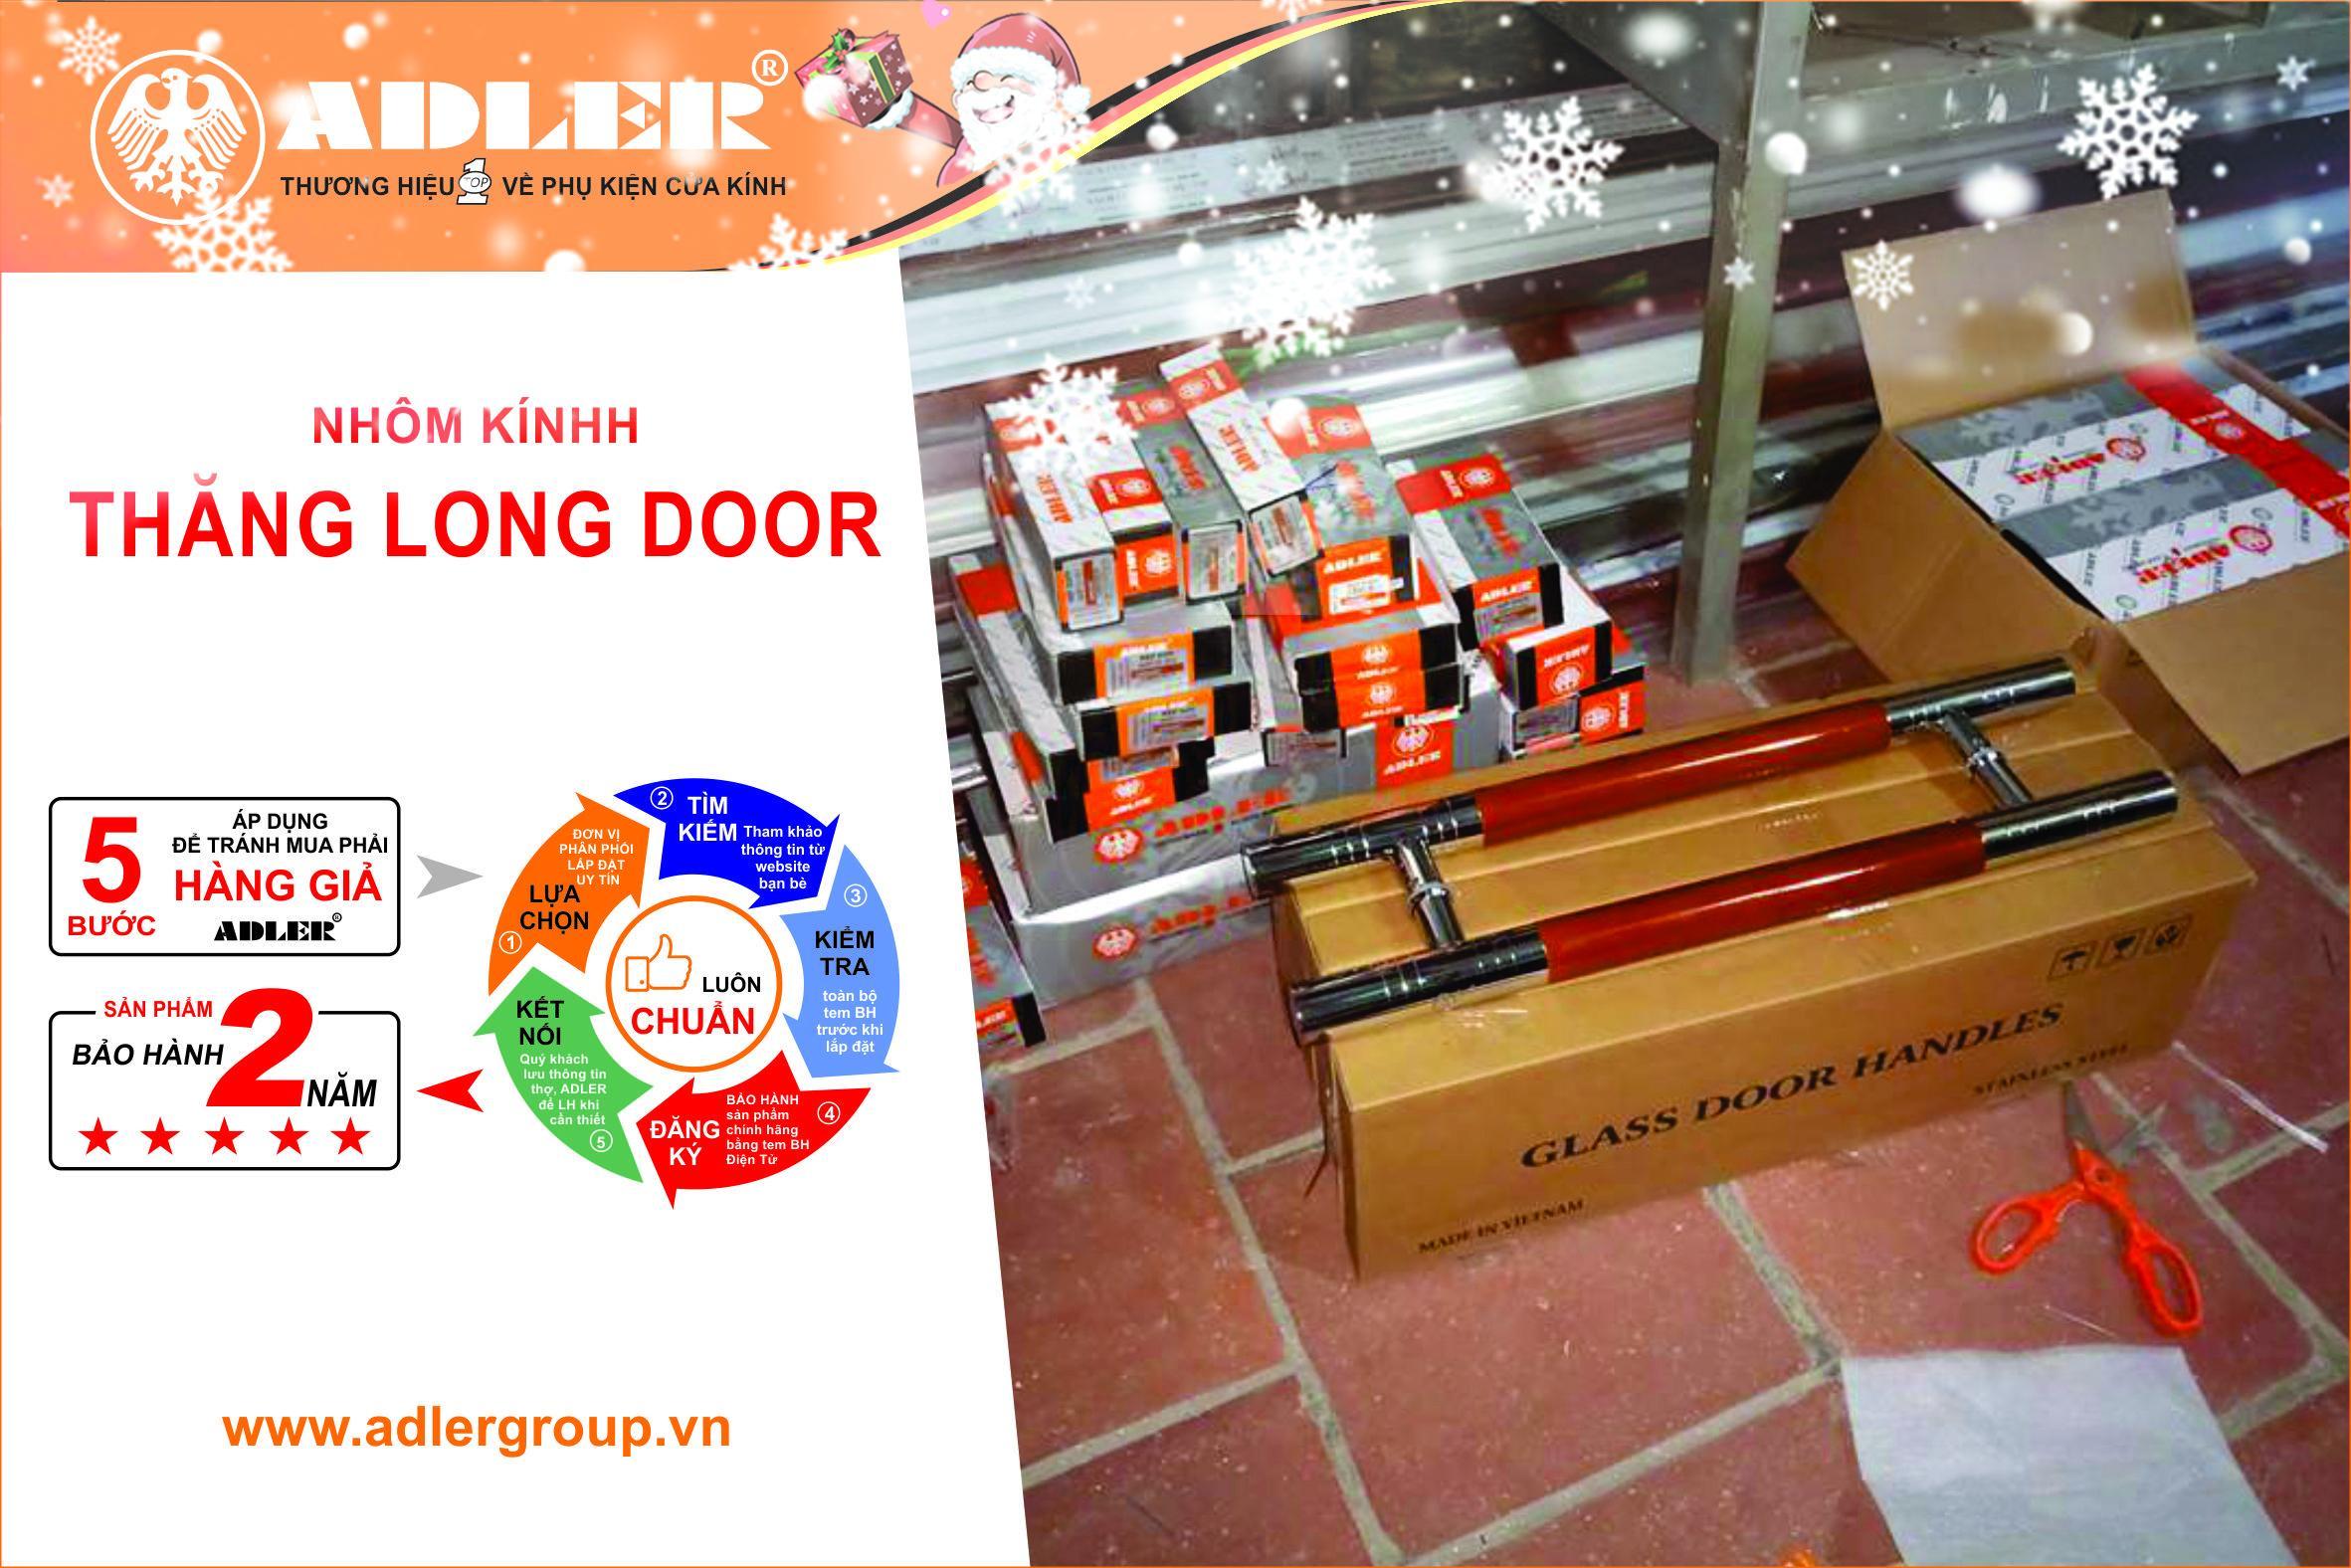 Những chiếc hộp in thương hiệu Adler được xếp ngăn nắp trước khi lắp đặt